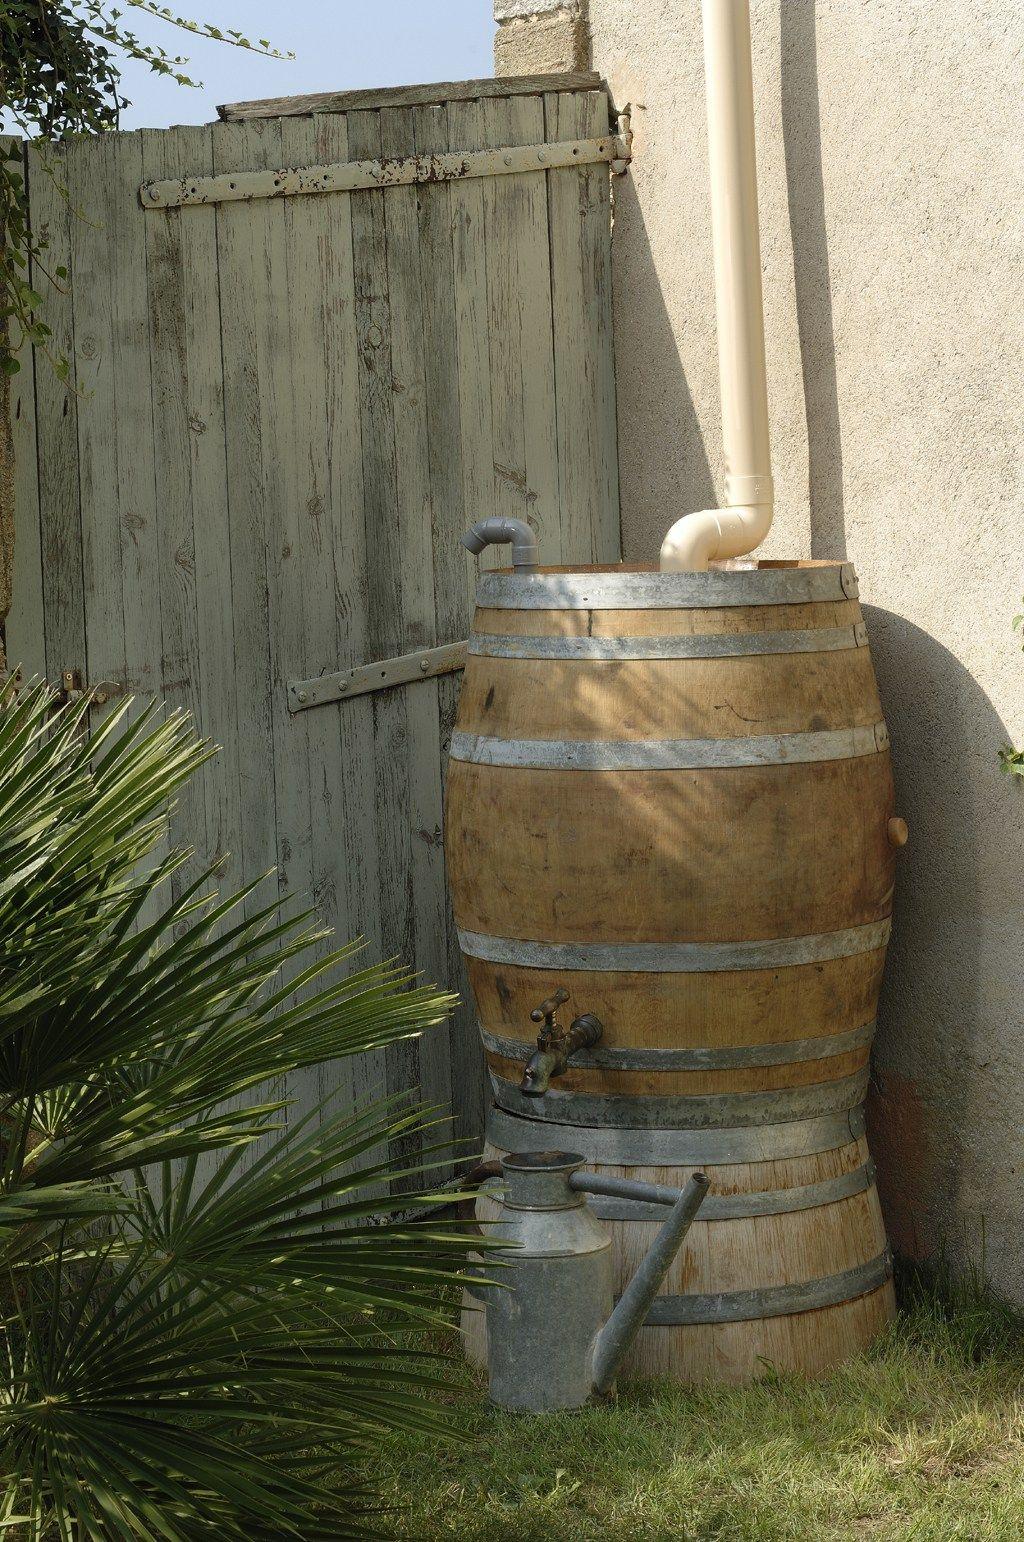 La r cup ration d eau de pluie est une bonne id e - Fabriquer un chauffe eau piscine bois ...